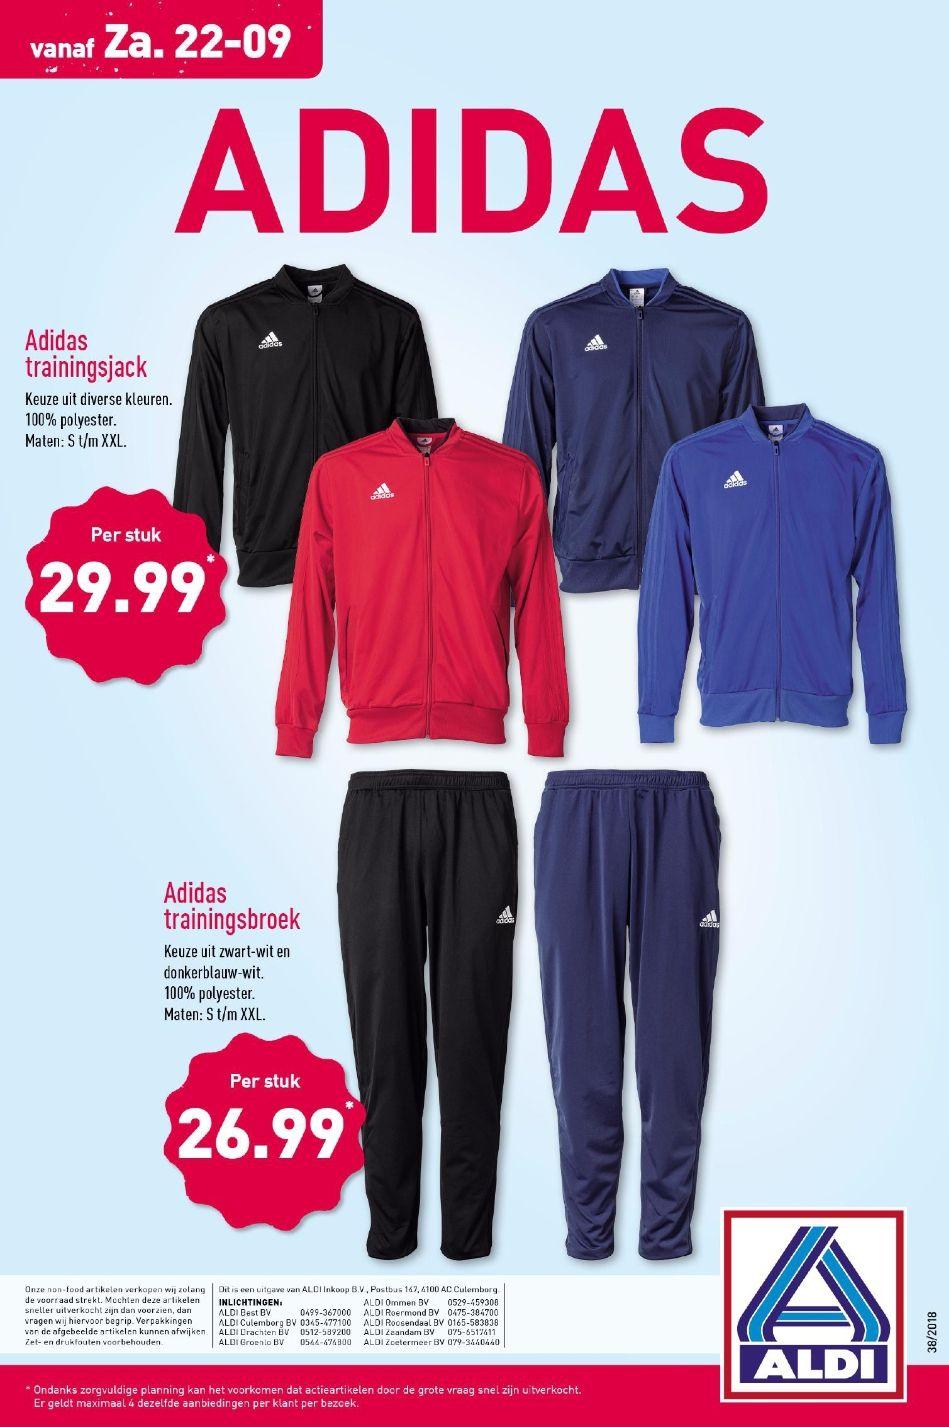 Adidas Hoe Hoe Adidas Trainingspak Valt Valt AjR45L